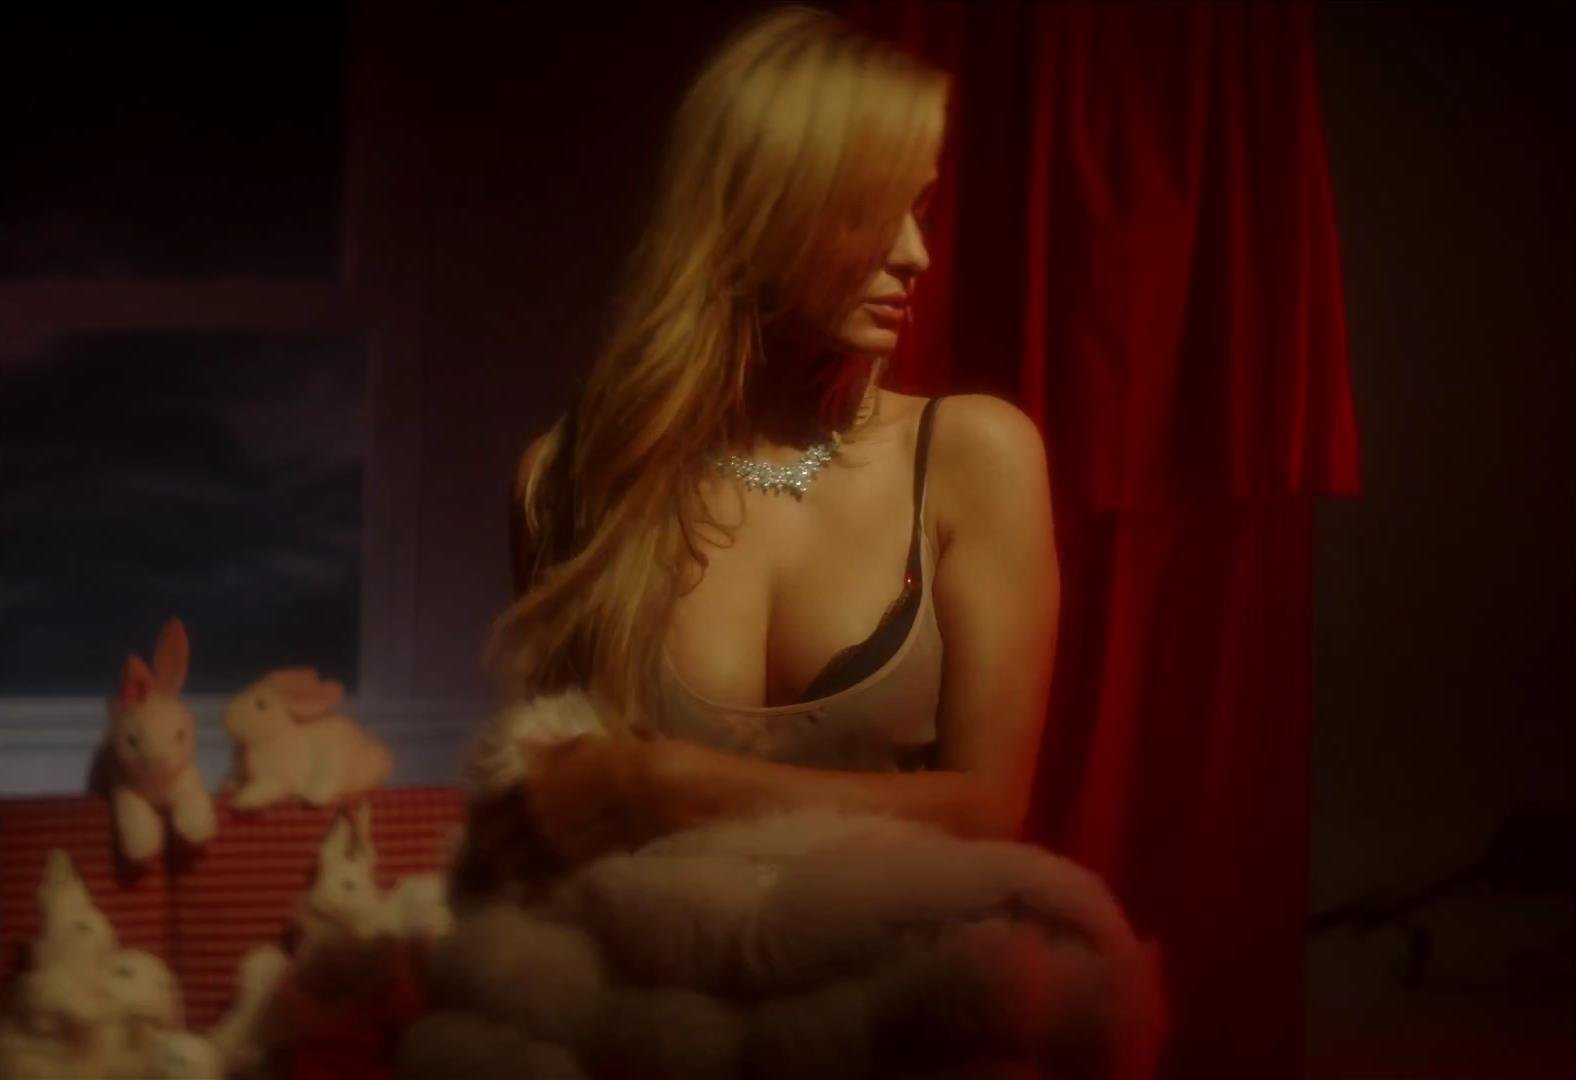 Ursula kim kardashian butt Hard sex